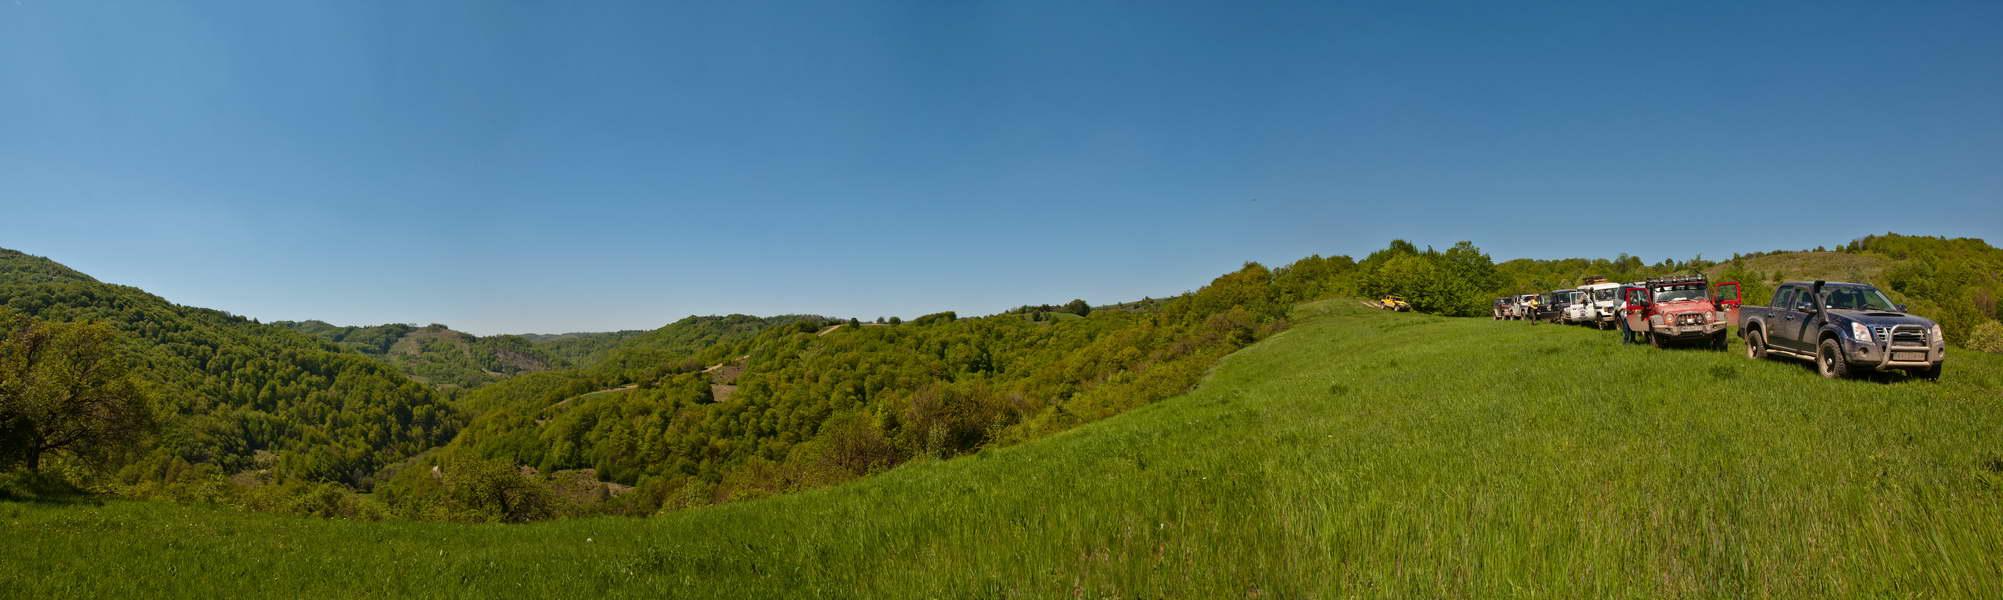 Beskrajne, isprepletane livade i šume - to je Homolje